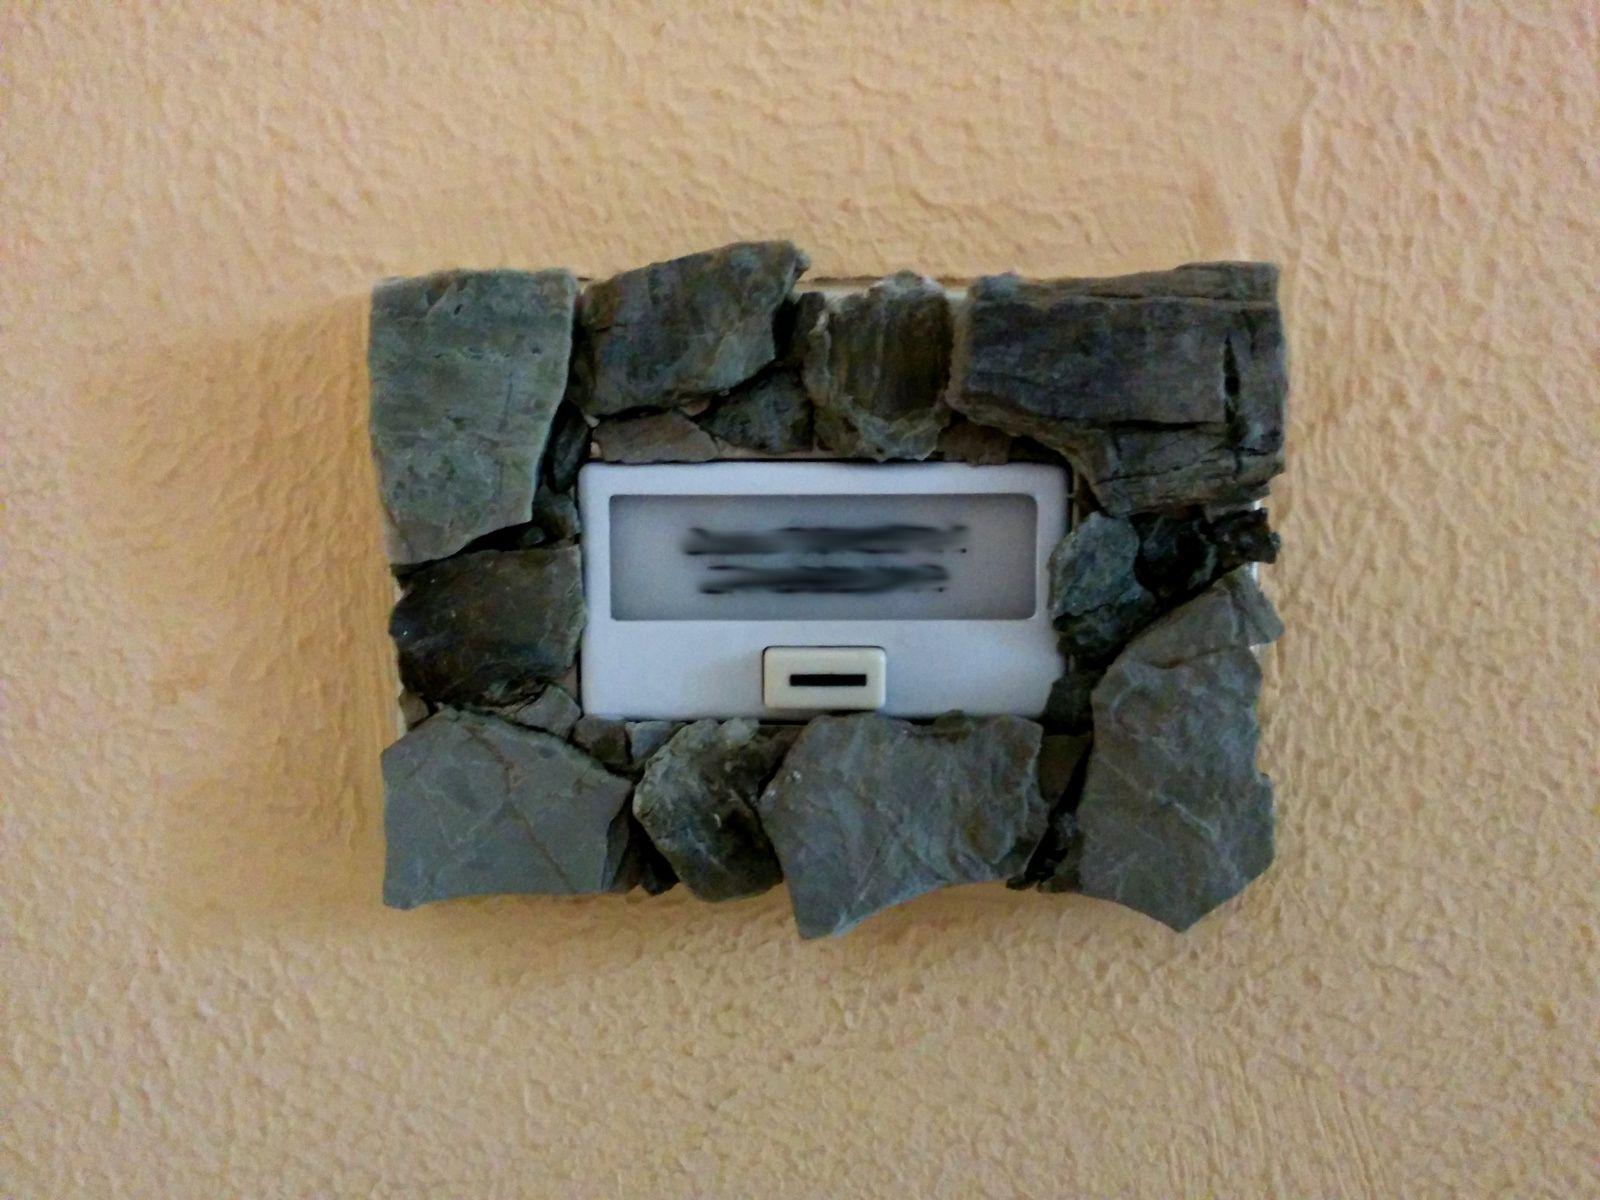 Acque d'Idice Blog   Stone switch plates   Rivestire placche elettriche in pietra locale